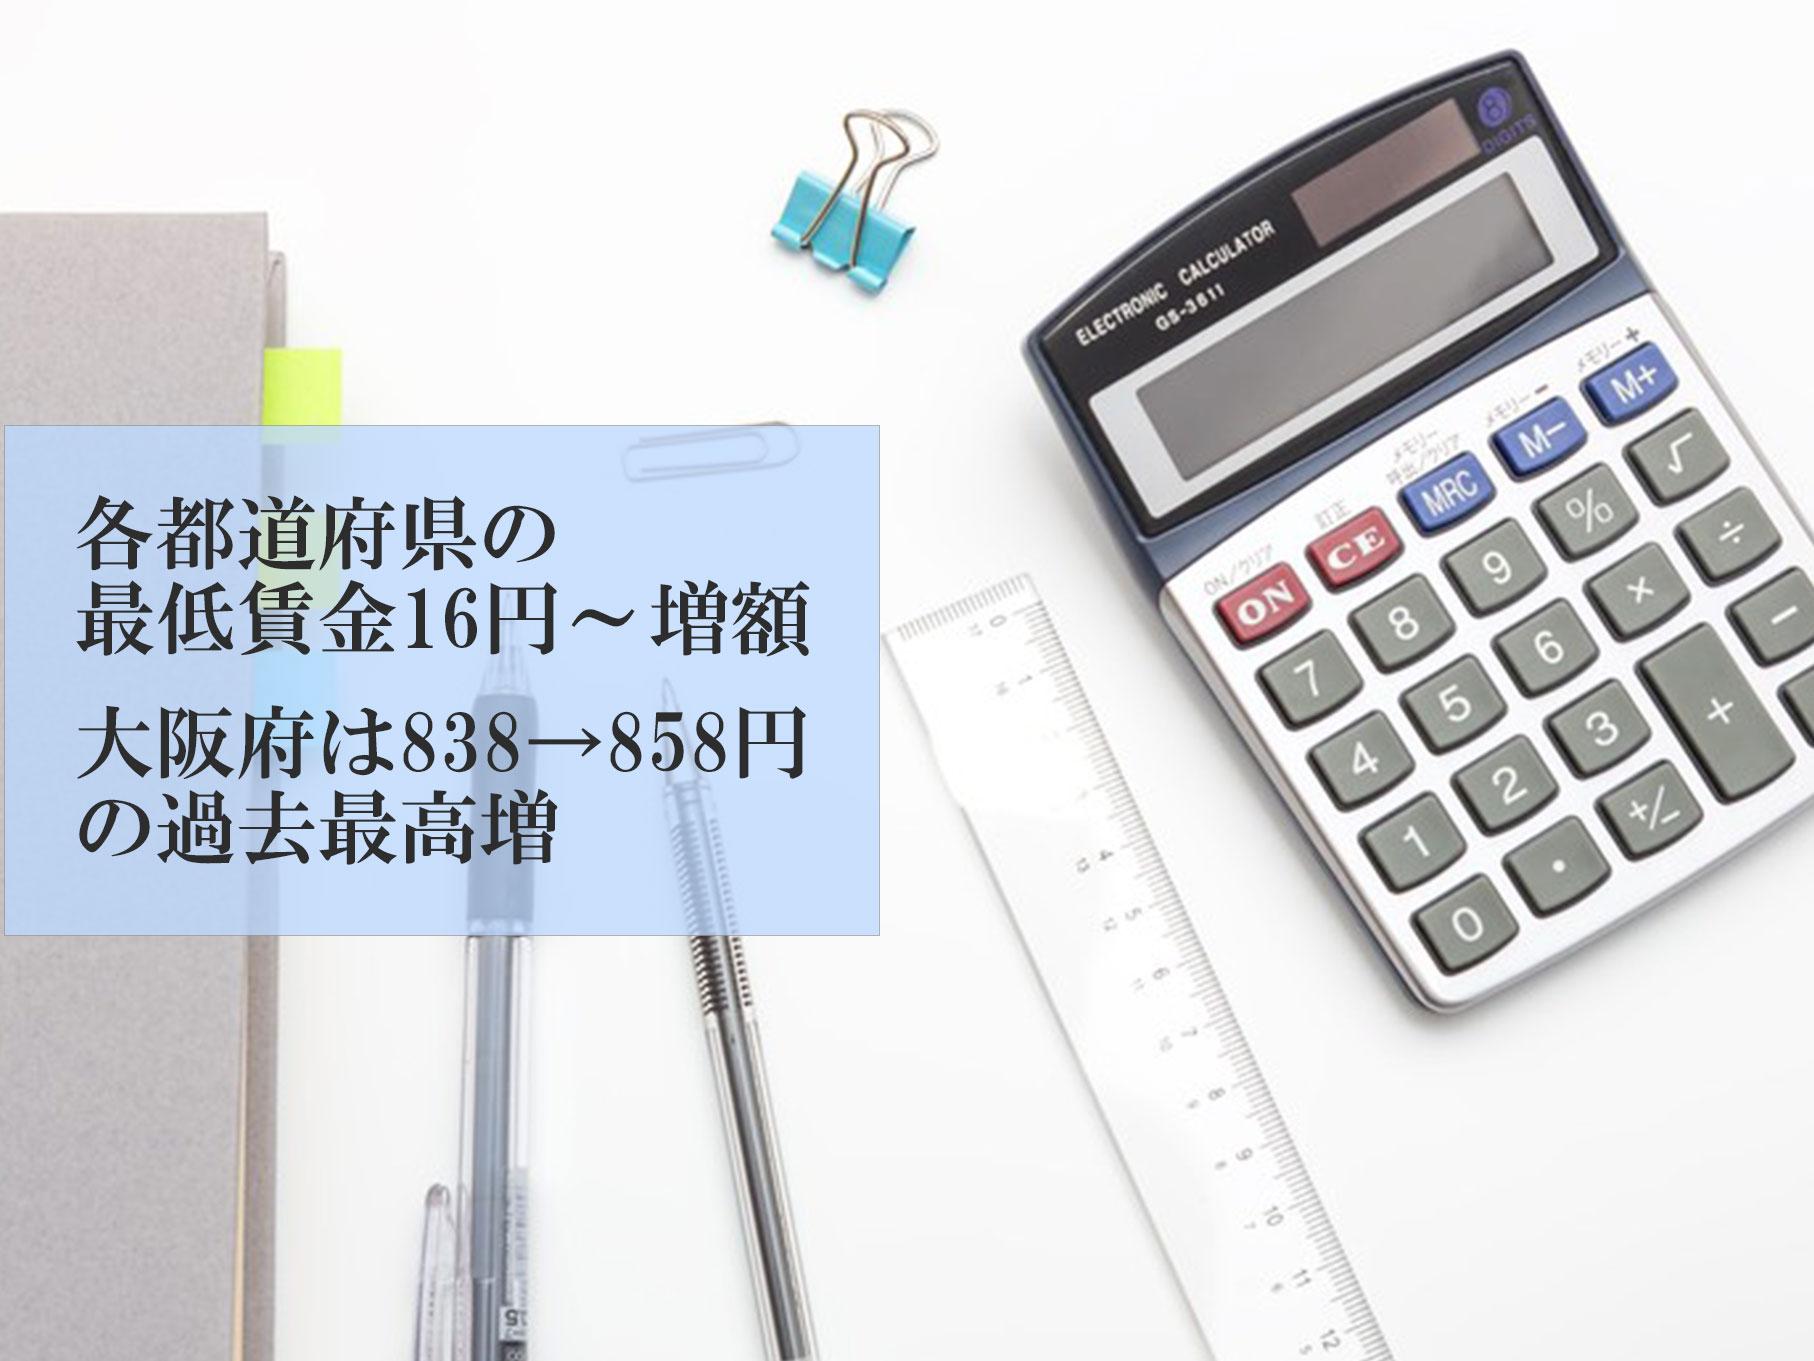 平成27年度最低賃金改定